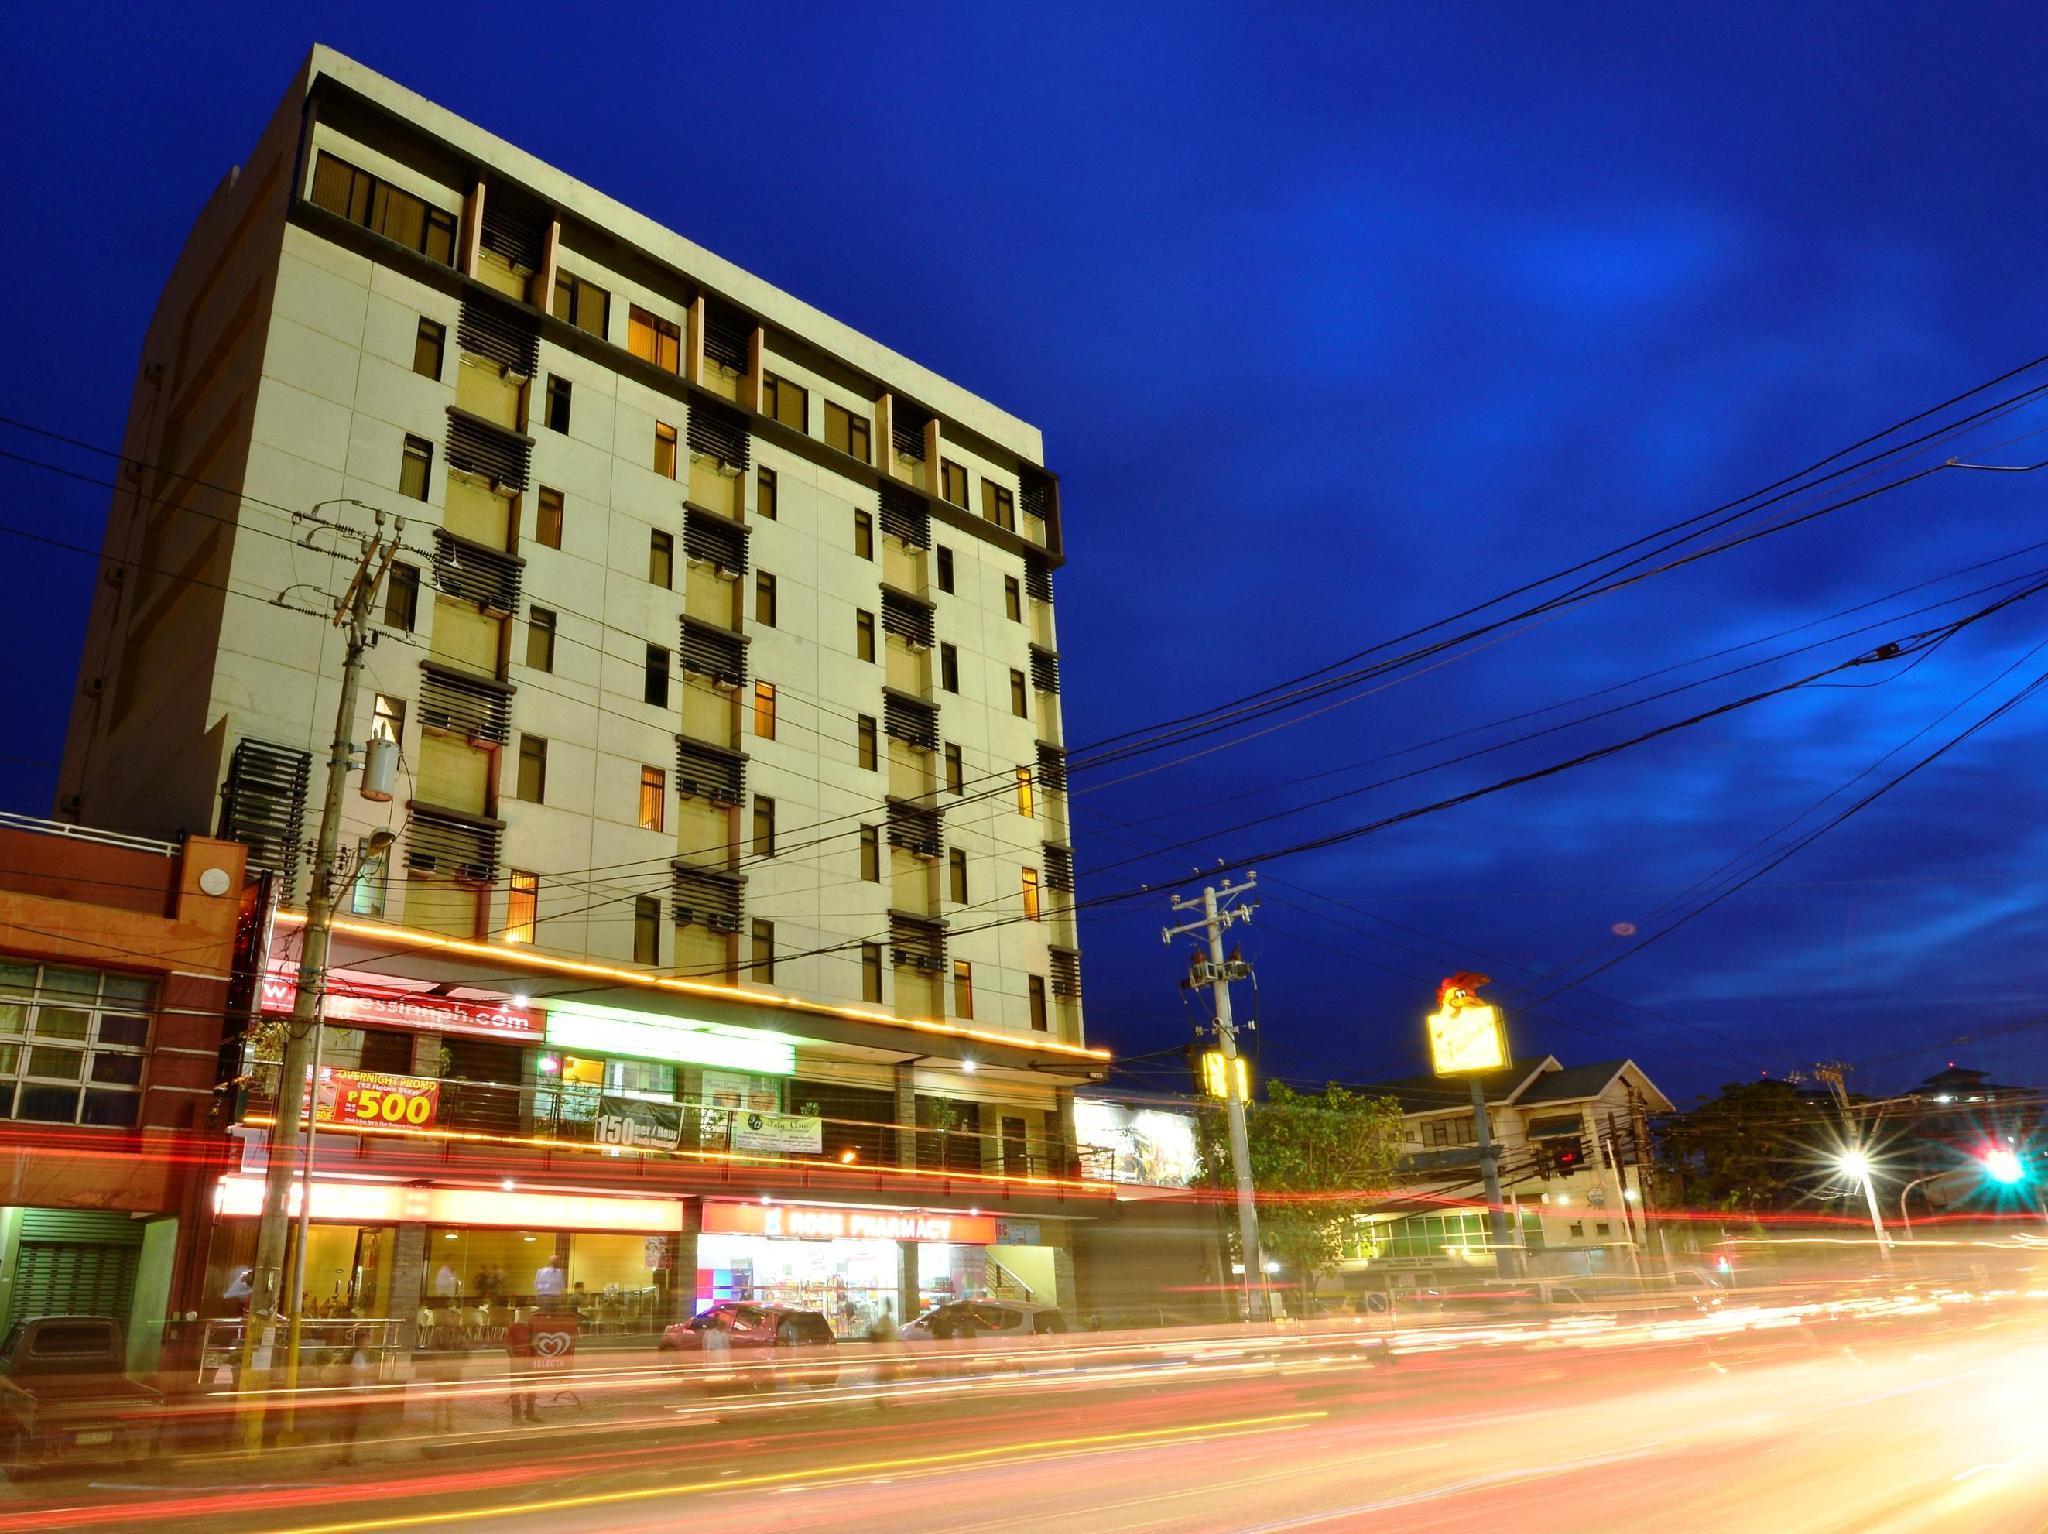 Express Inn - Cebu